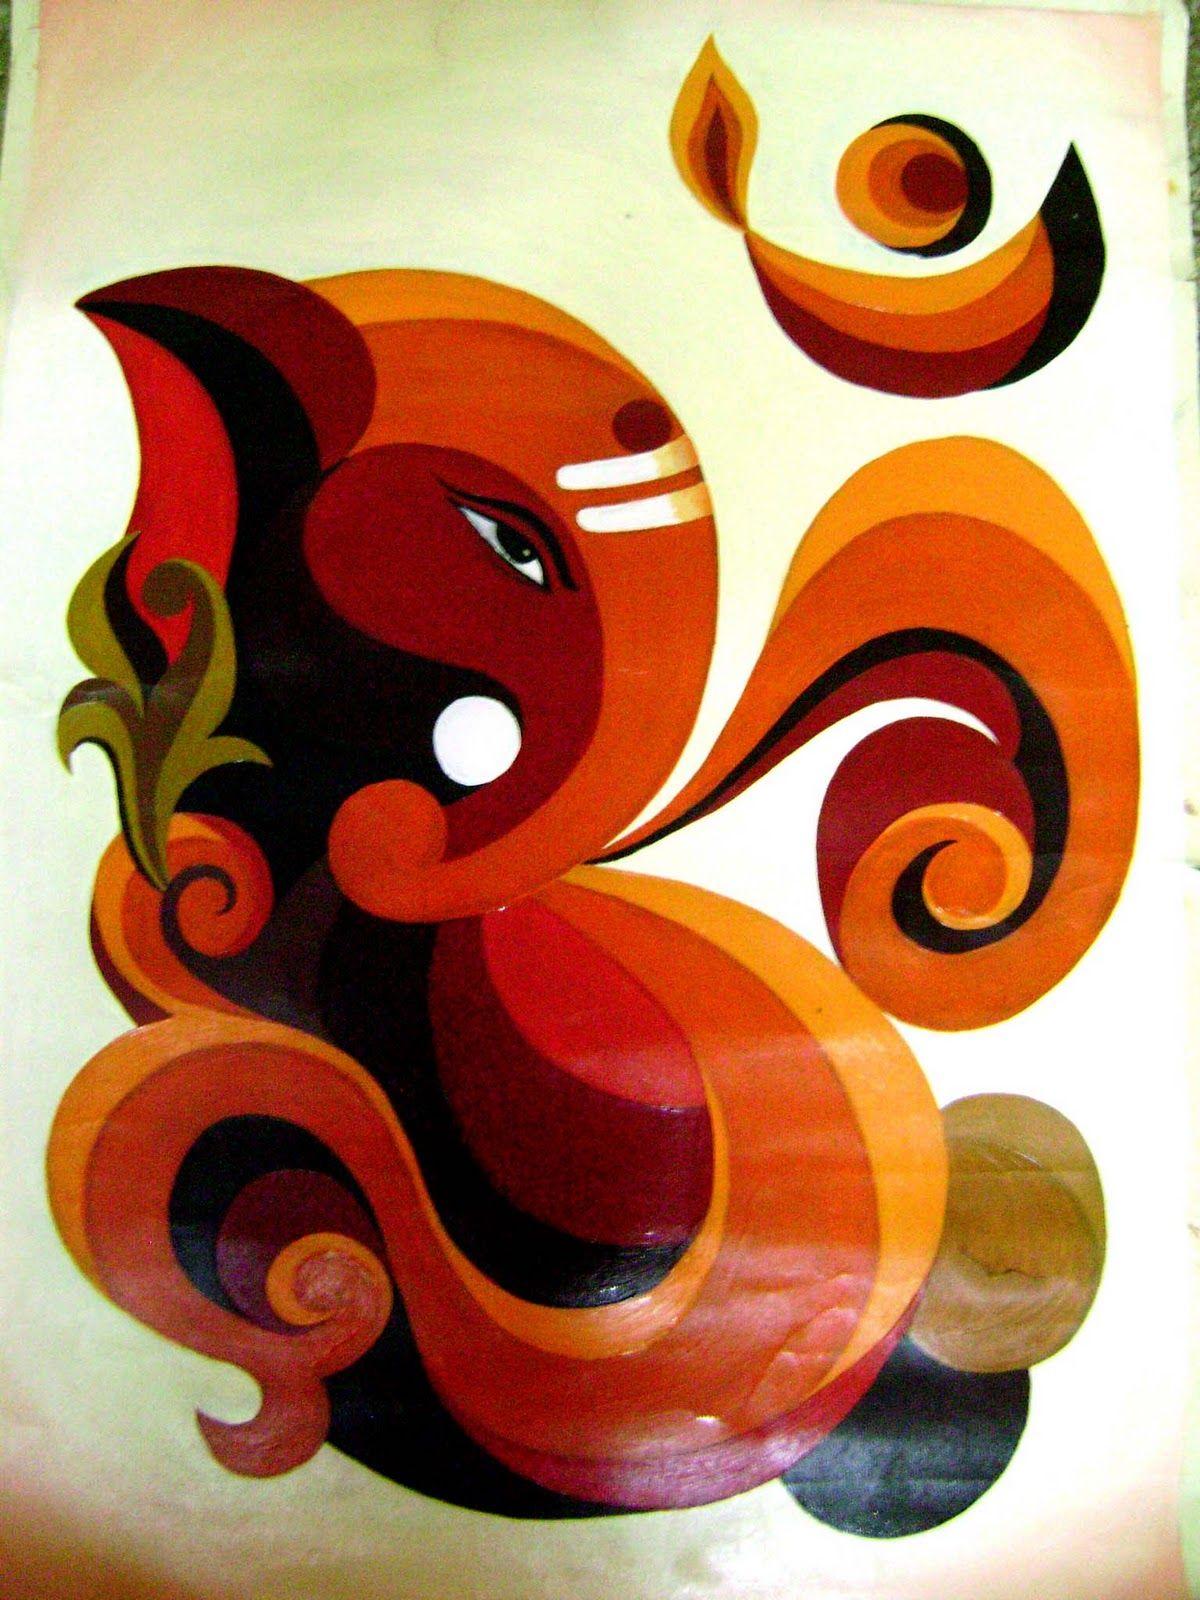 DSC01943.jpg (1200×1600) | Ganesha Painting | Pinterest ...